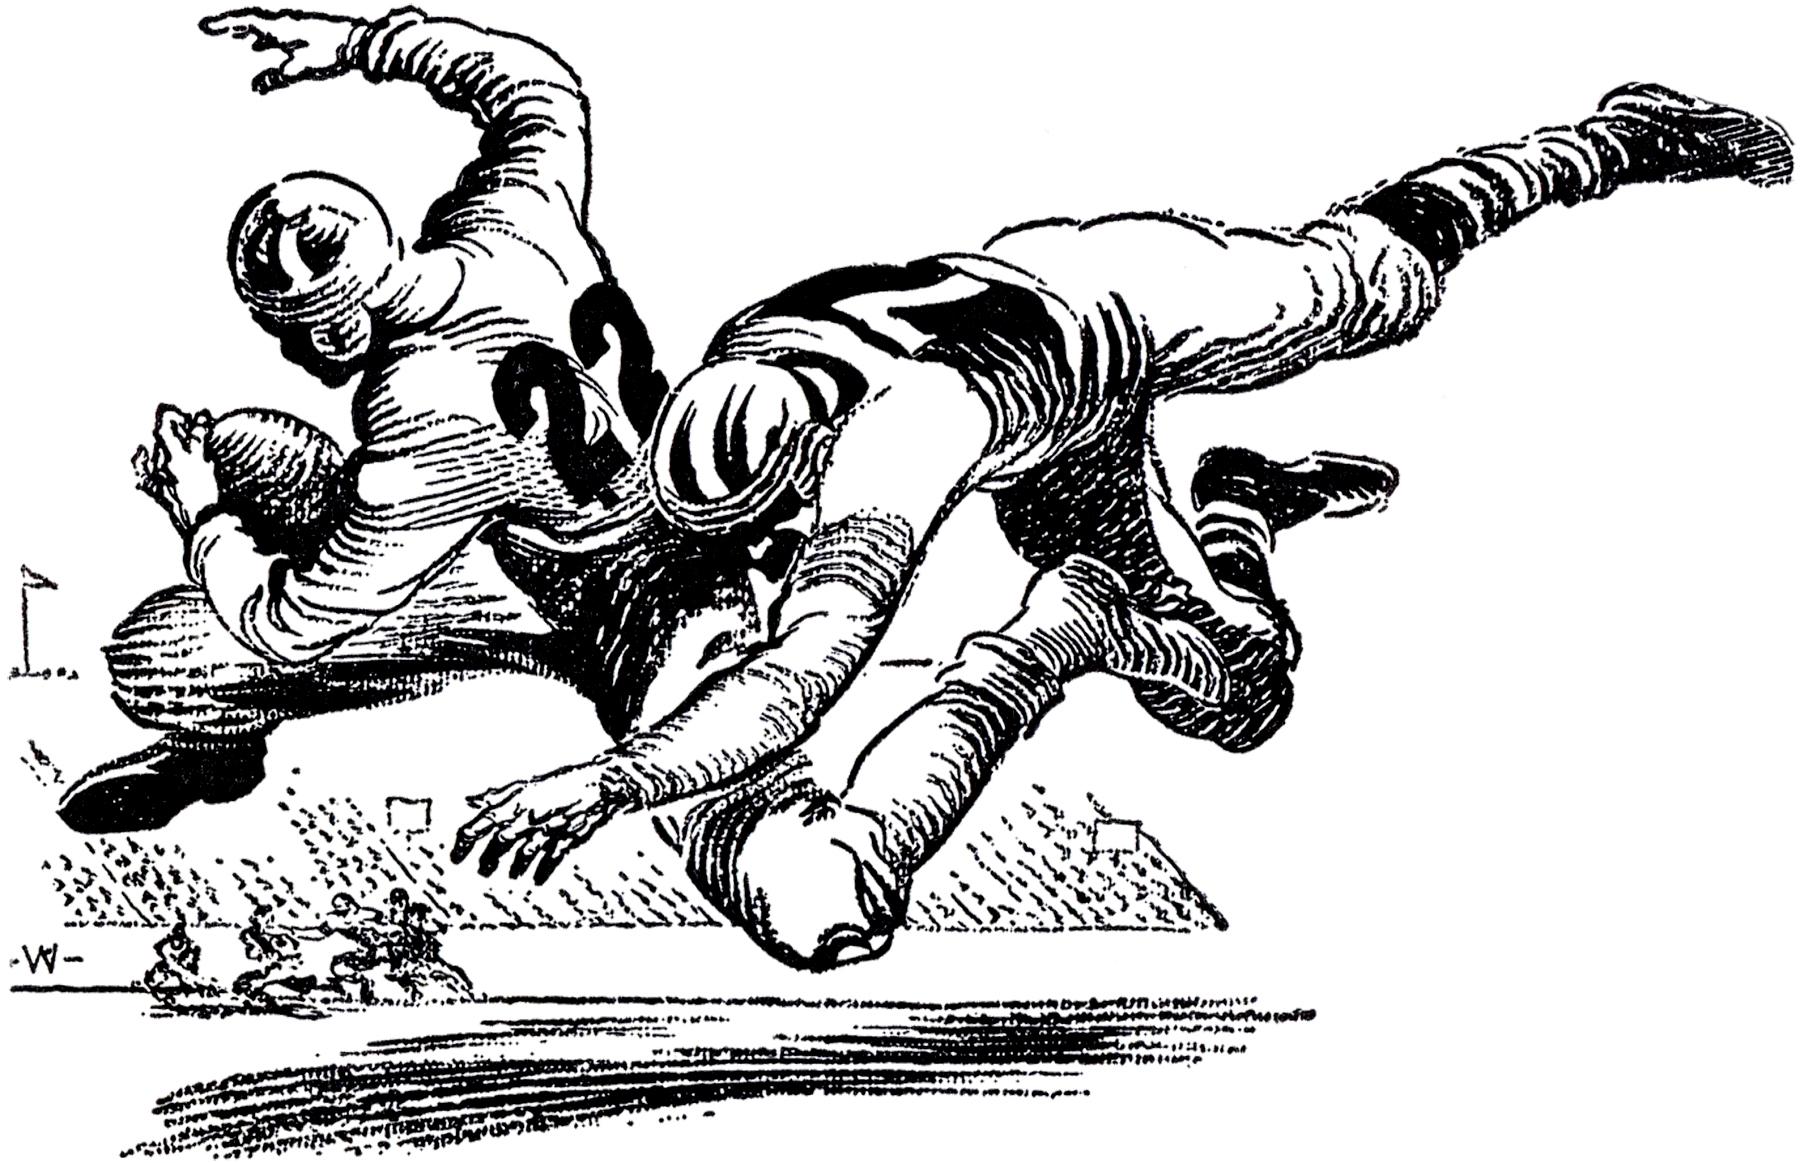 Vintage Football Image